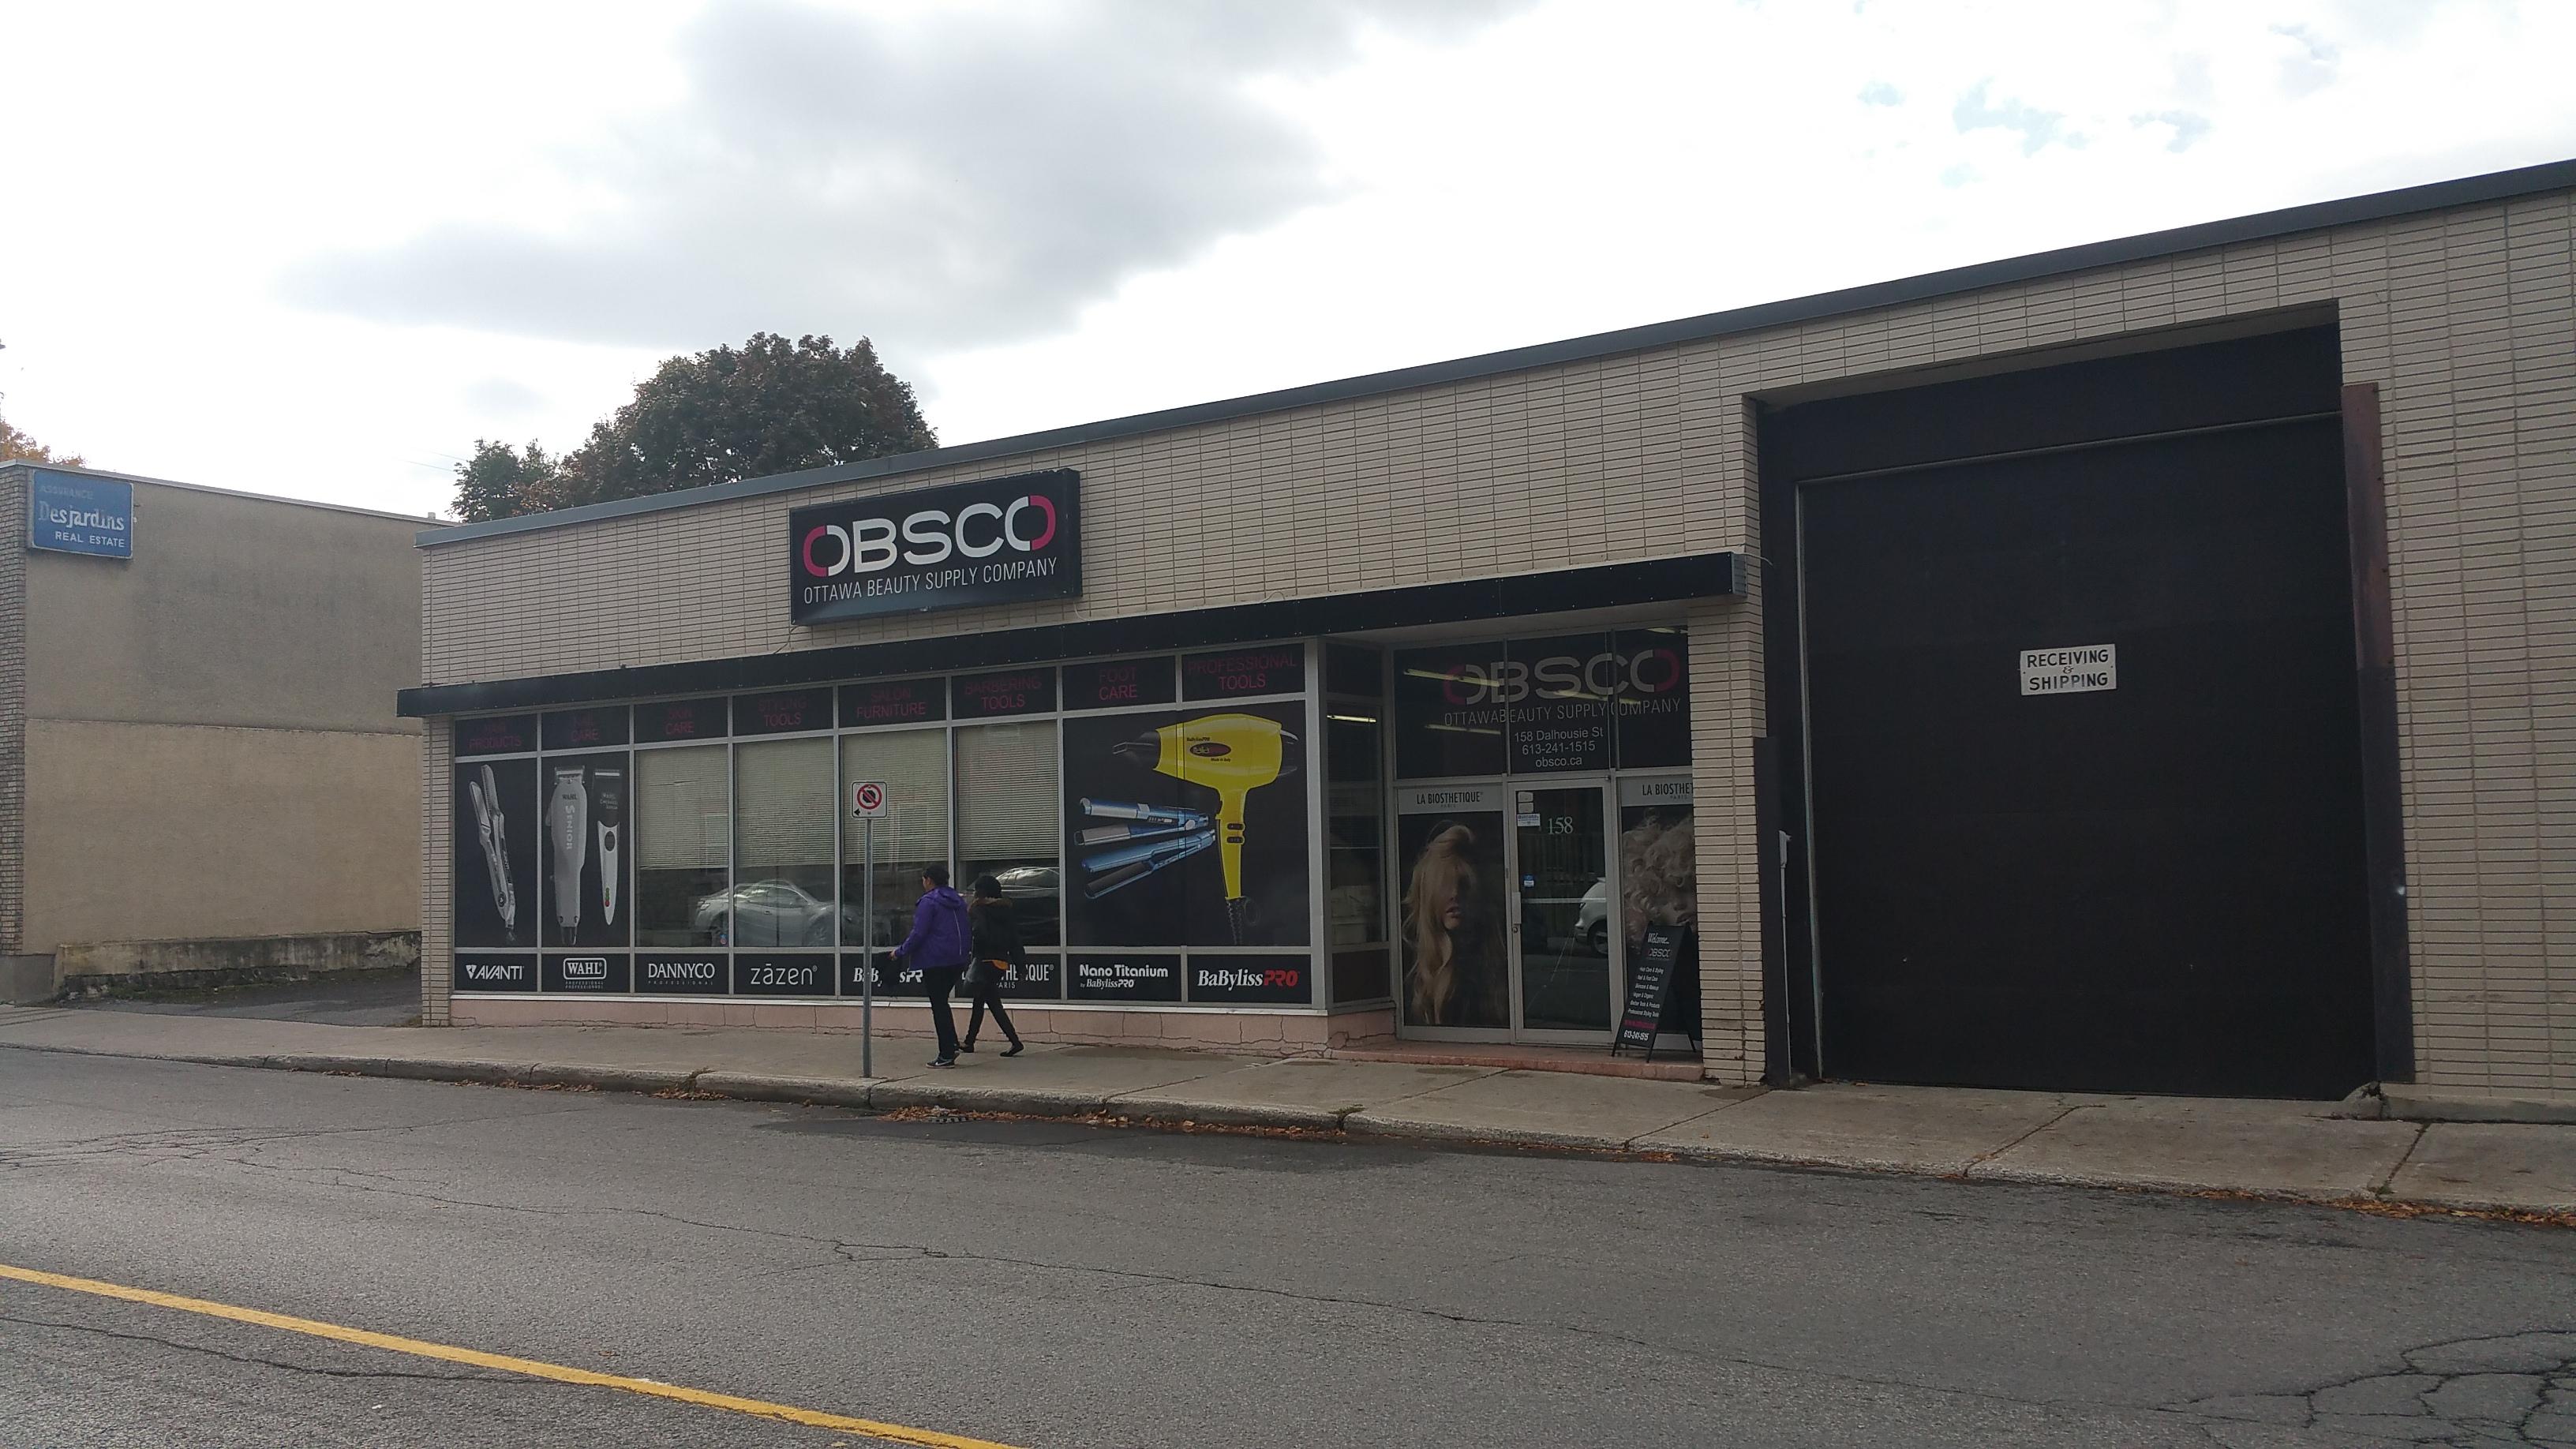 OBSCO Outside